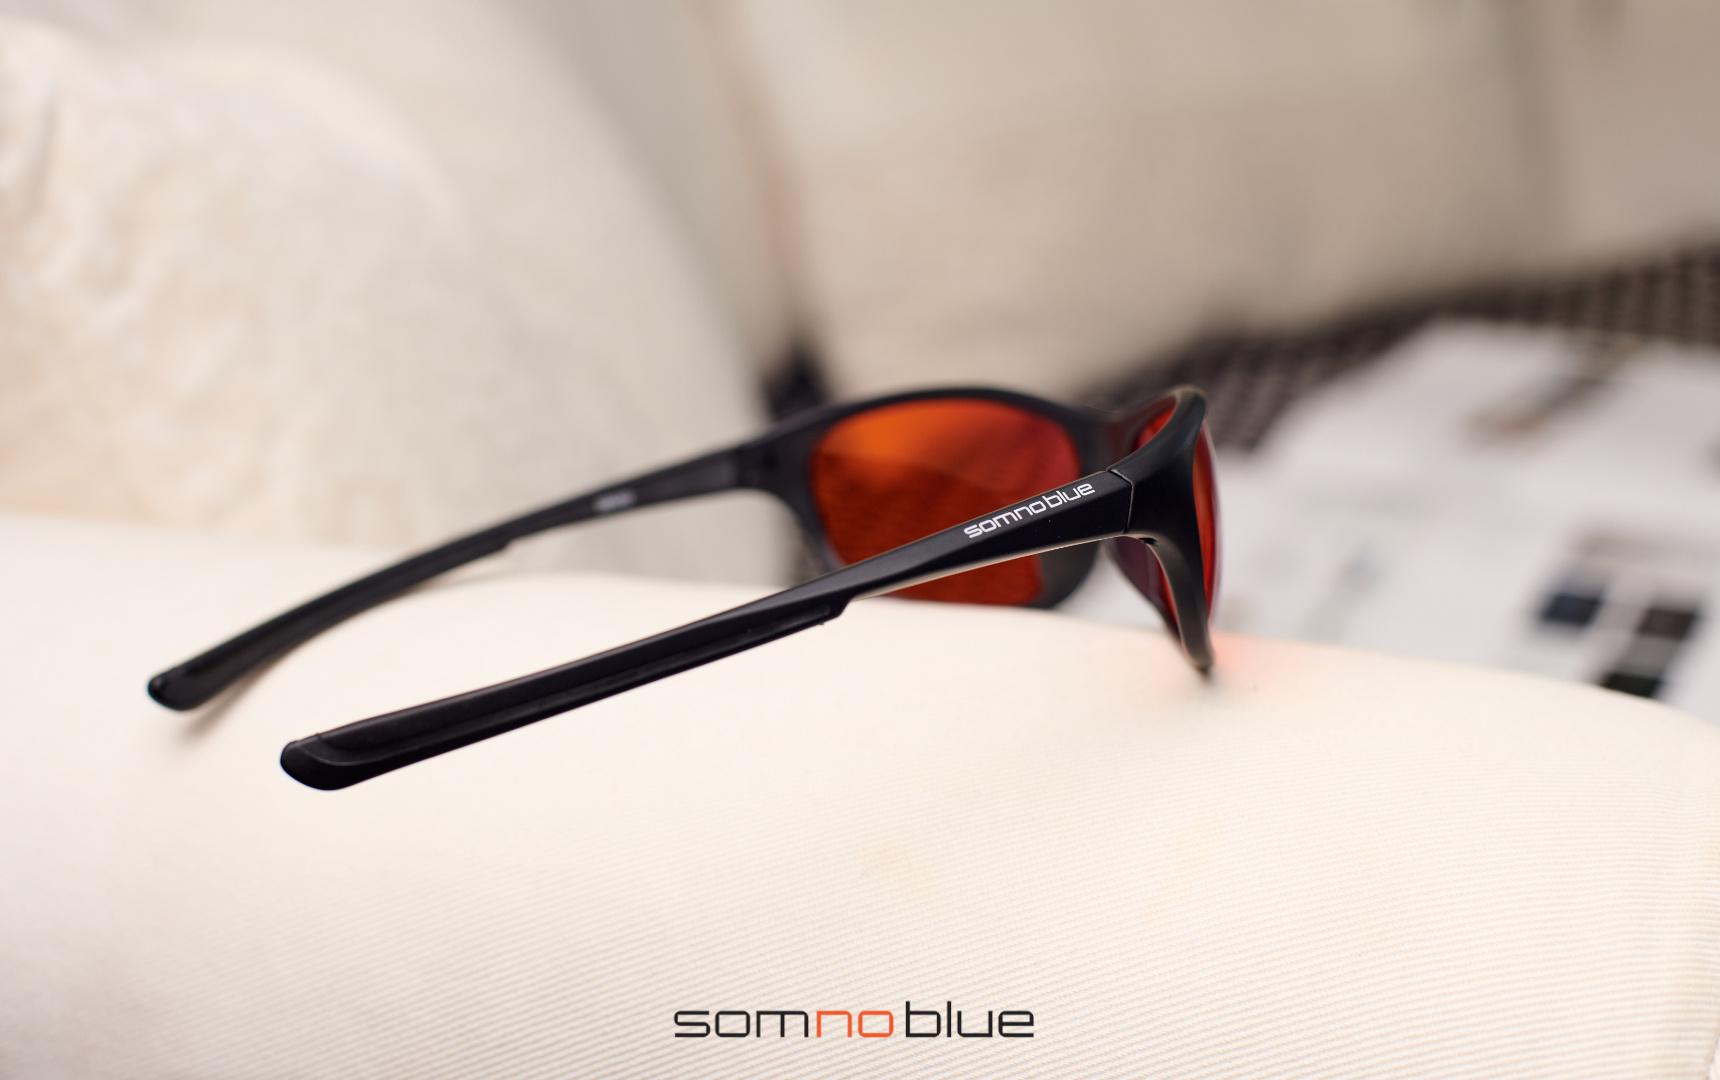 Somnoblue blue light blocking sleep glasses SB-3 PLus